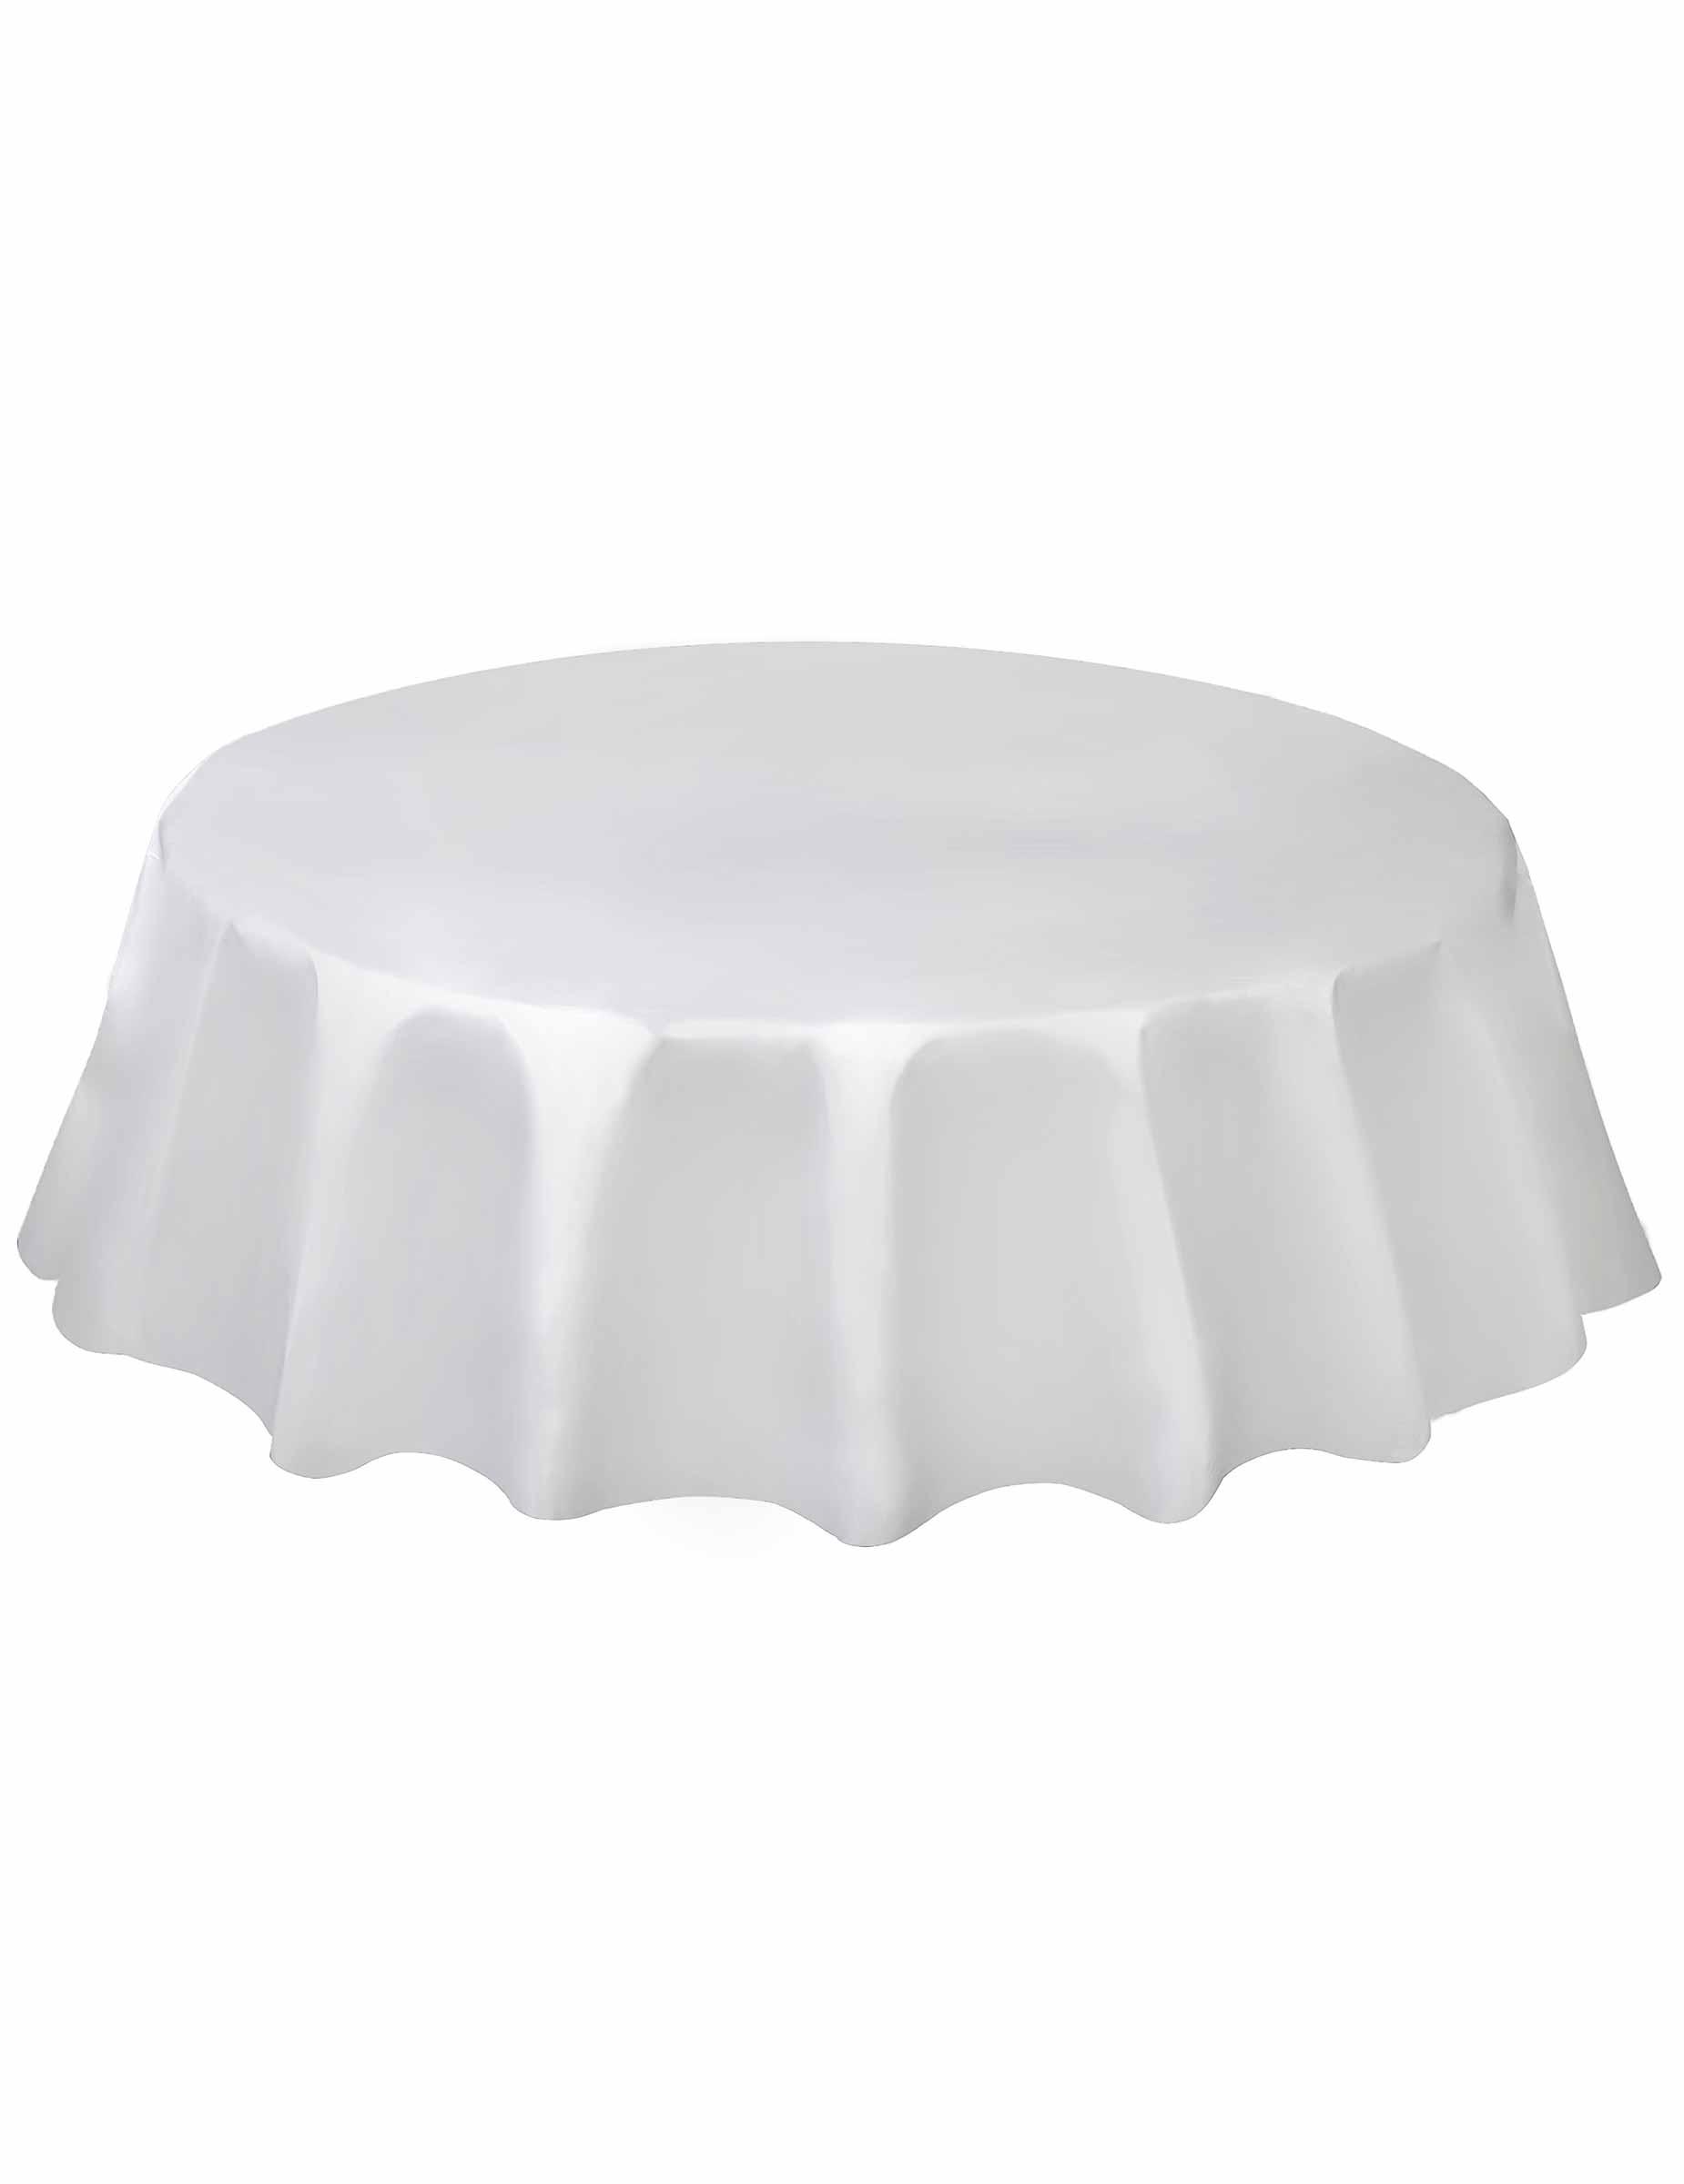 Mantel redondo blanco pl stico 213 cm decoraci n y disfraces originales baratos vegaoo - Mantel plastico ...